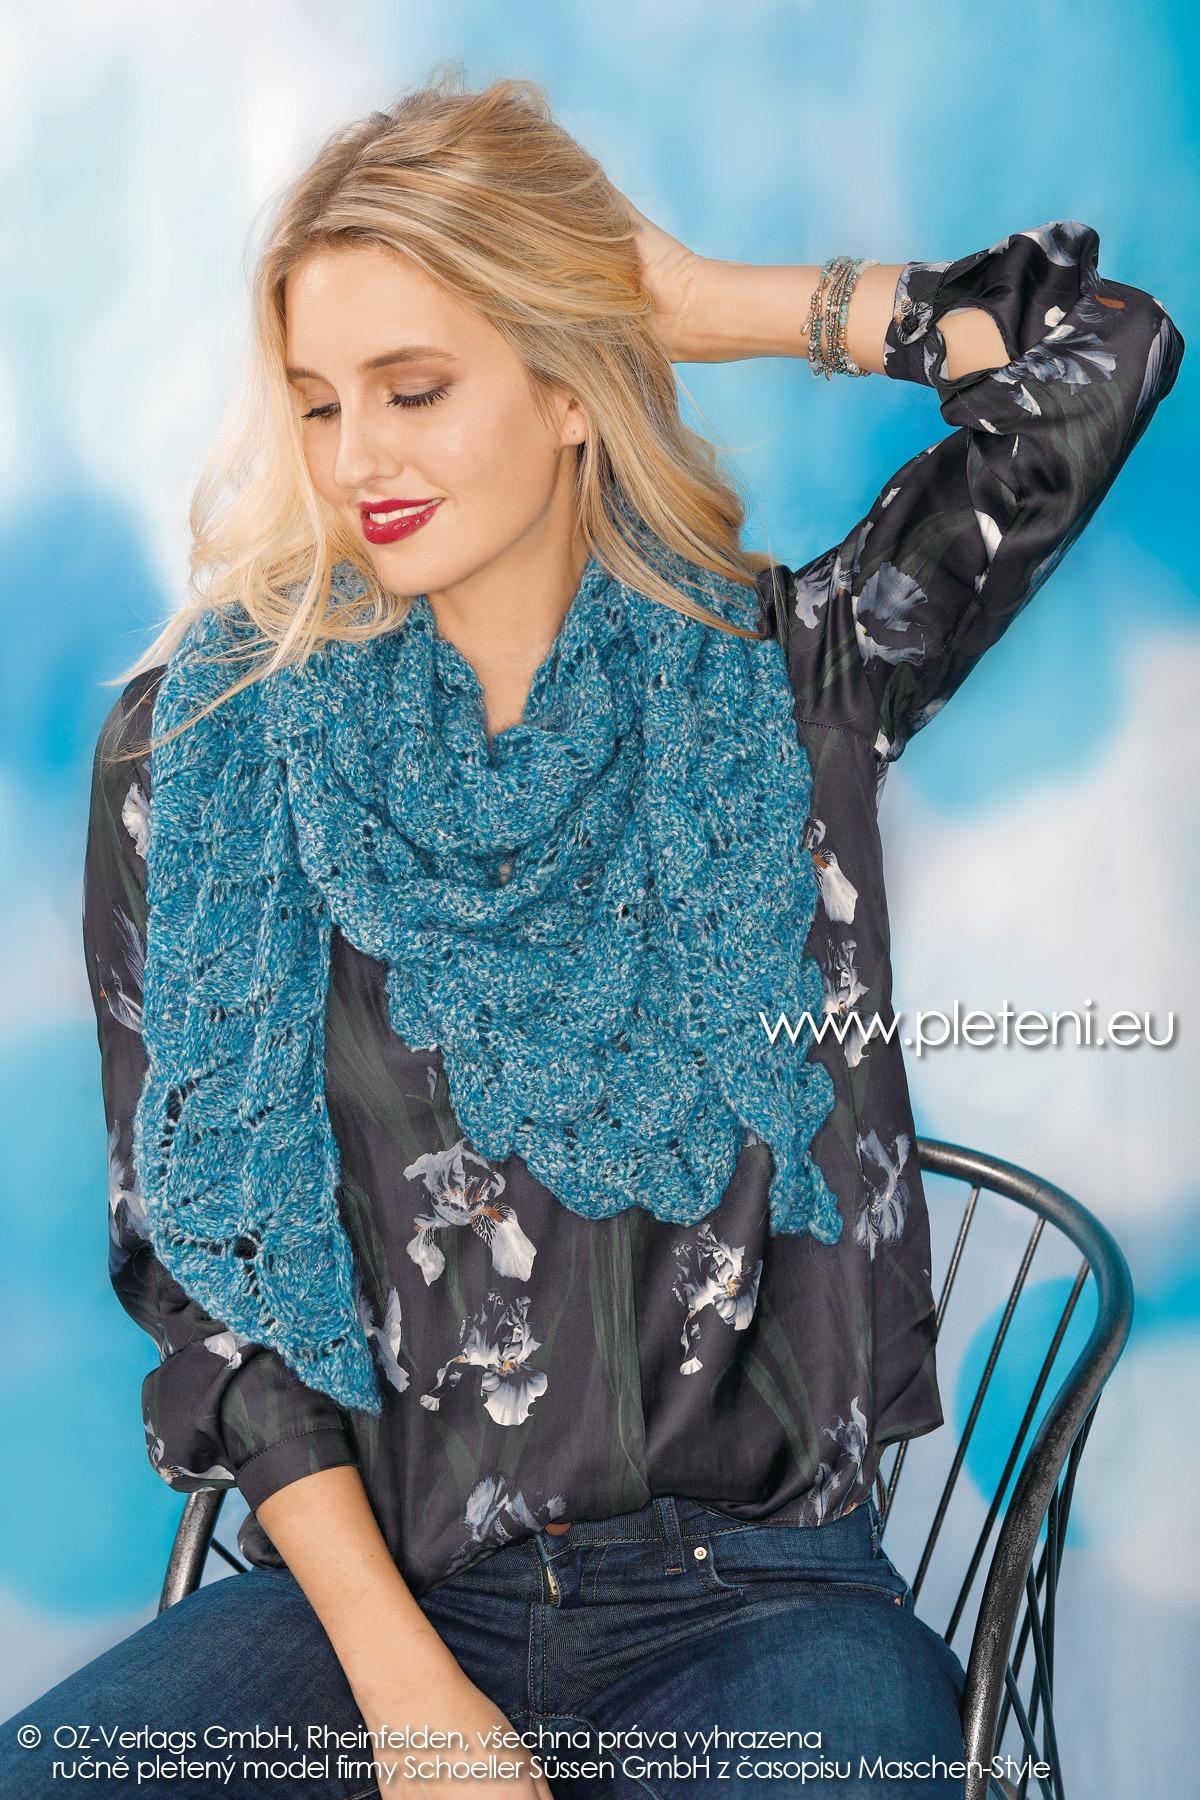 2018-Z-27 dámský pletený trojcípý šátek z příze Mohair Dream nebo Alpaca Star firmy Schoeller